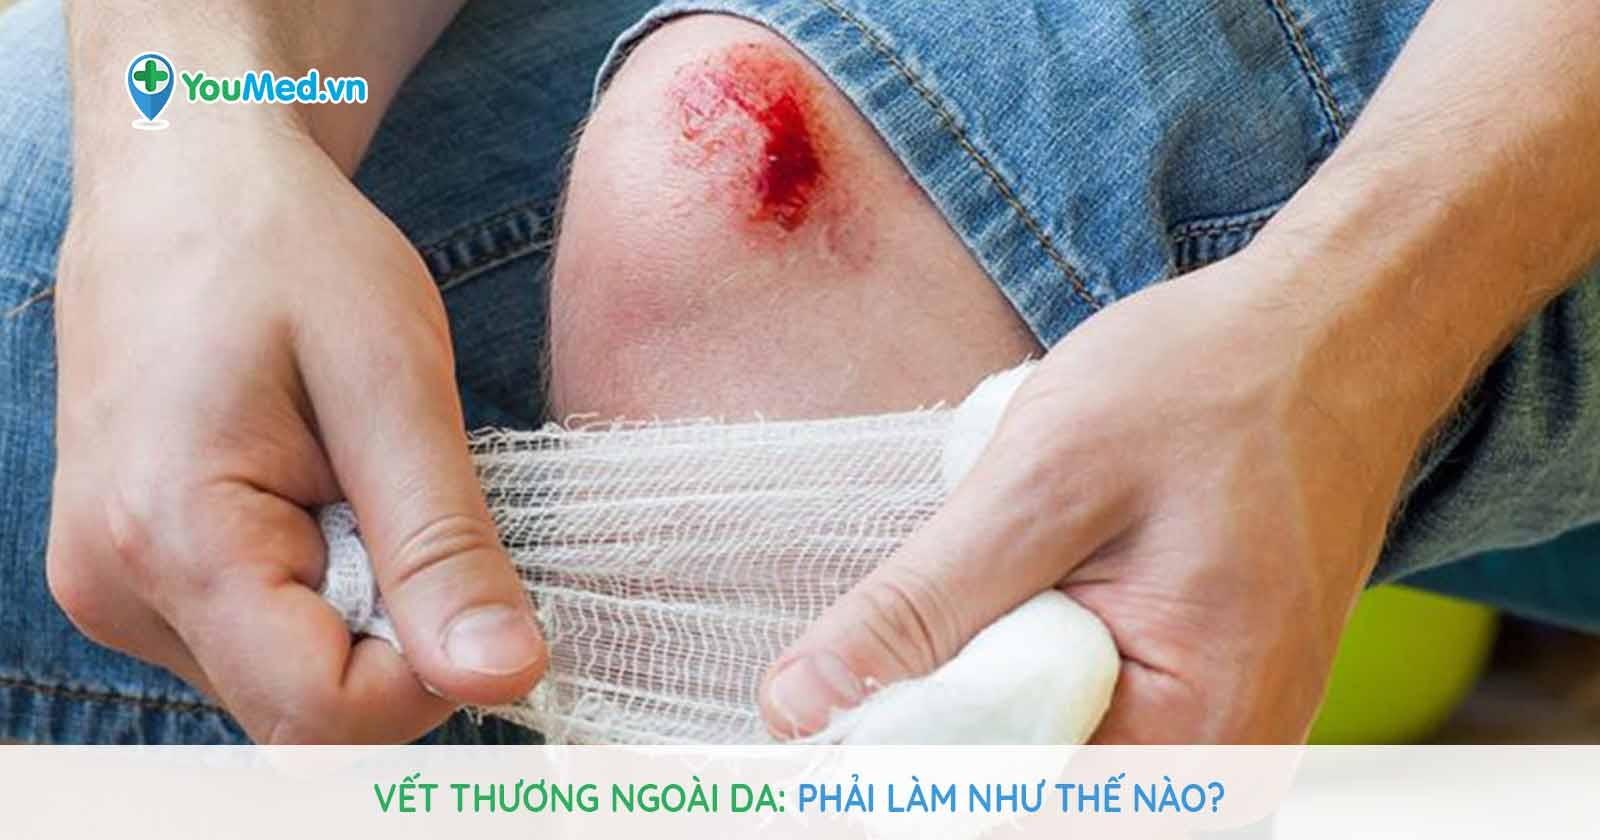 Vết thương ngoài da: Phải làm như thế nào?